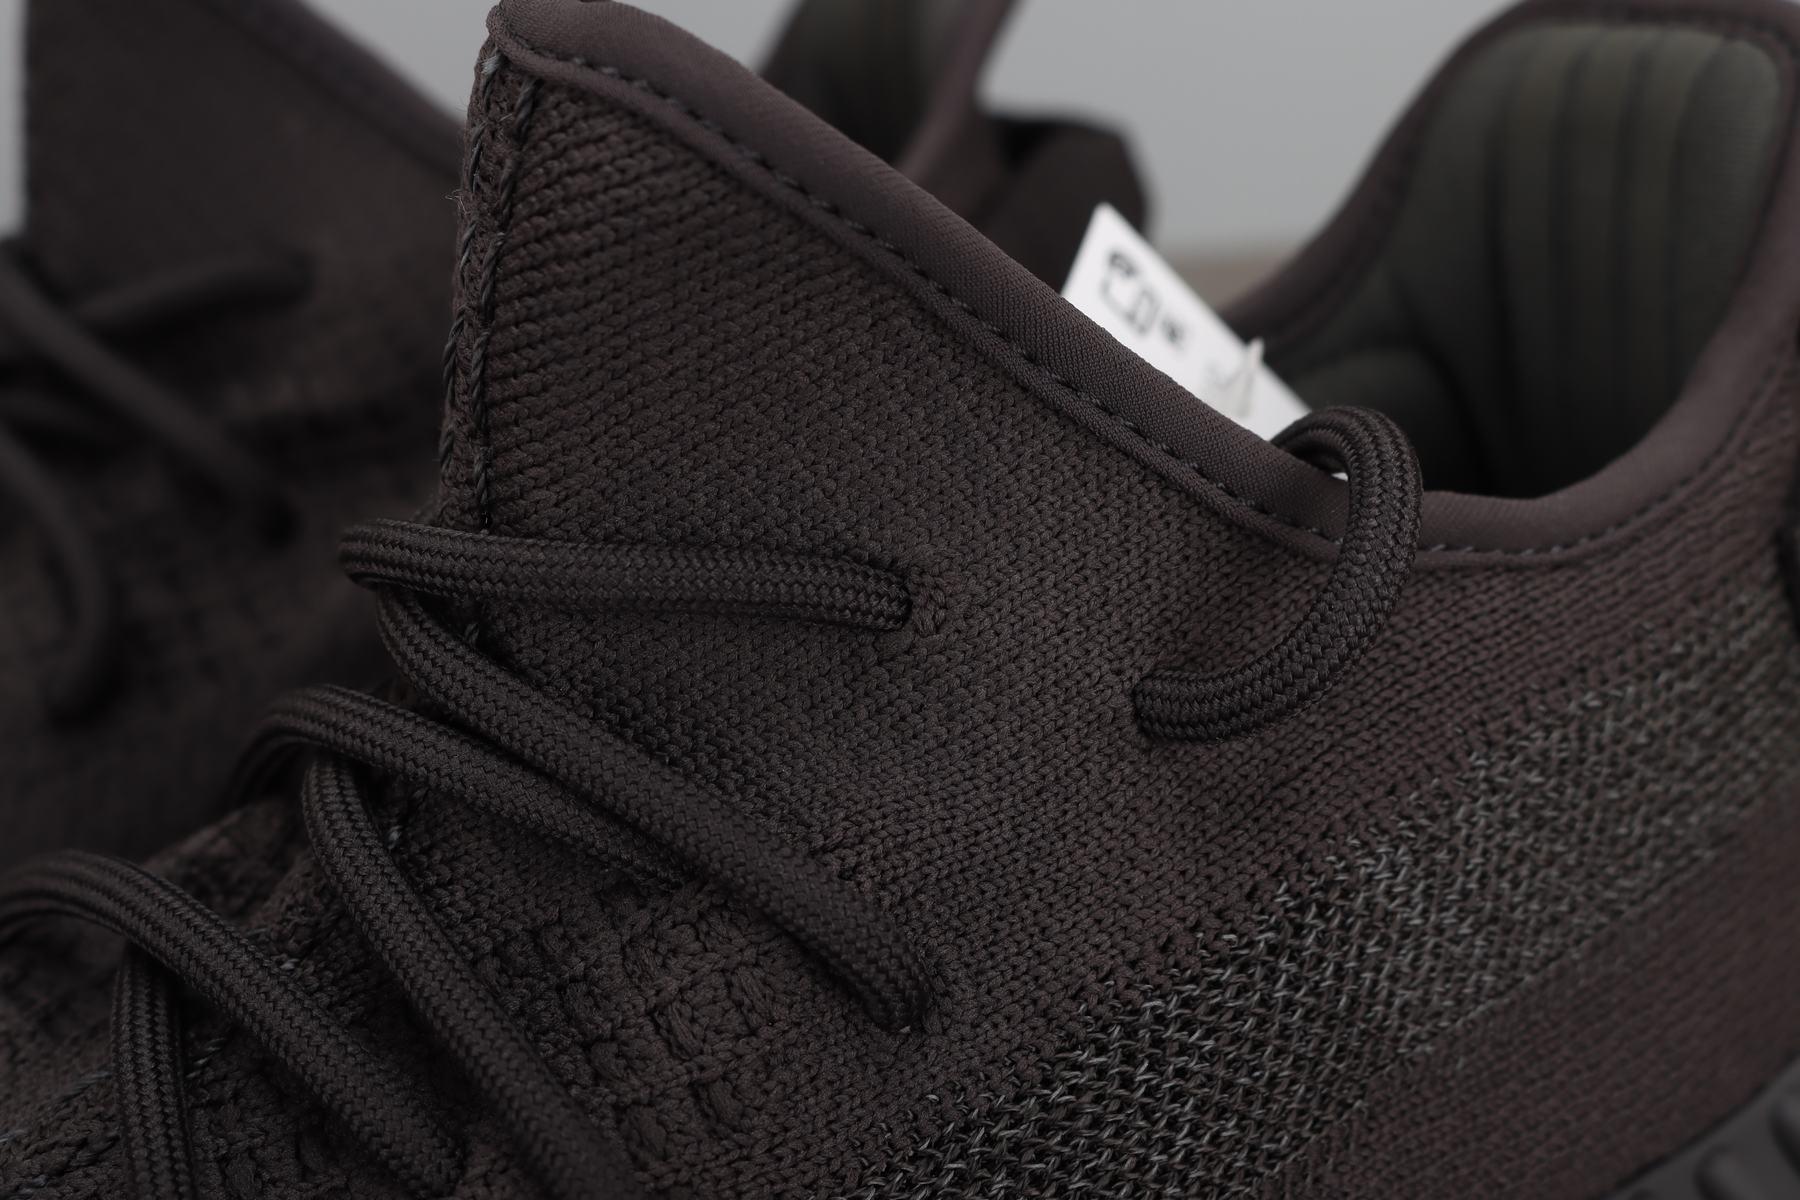 汪版椰子 BASF Yeezy Boost 350 V2 黑生胶 2.0 侧透满天星 银河反光版 FY4176_河源裸鞋正品